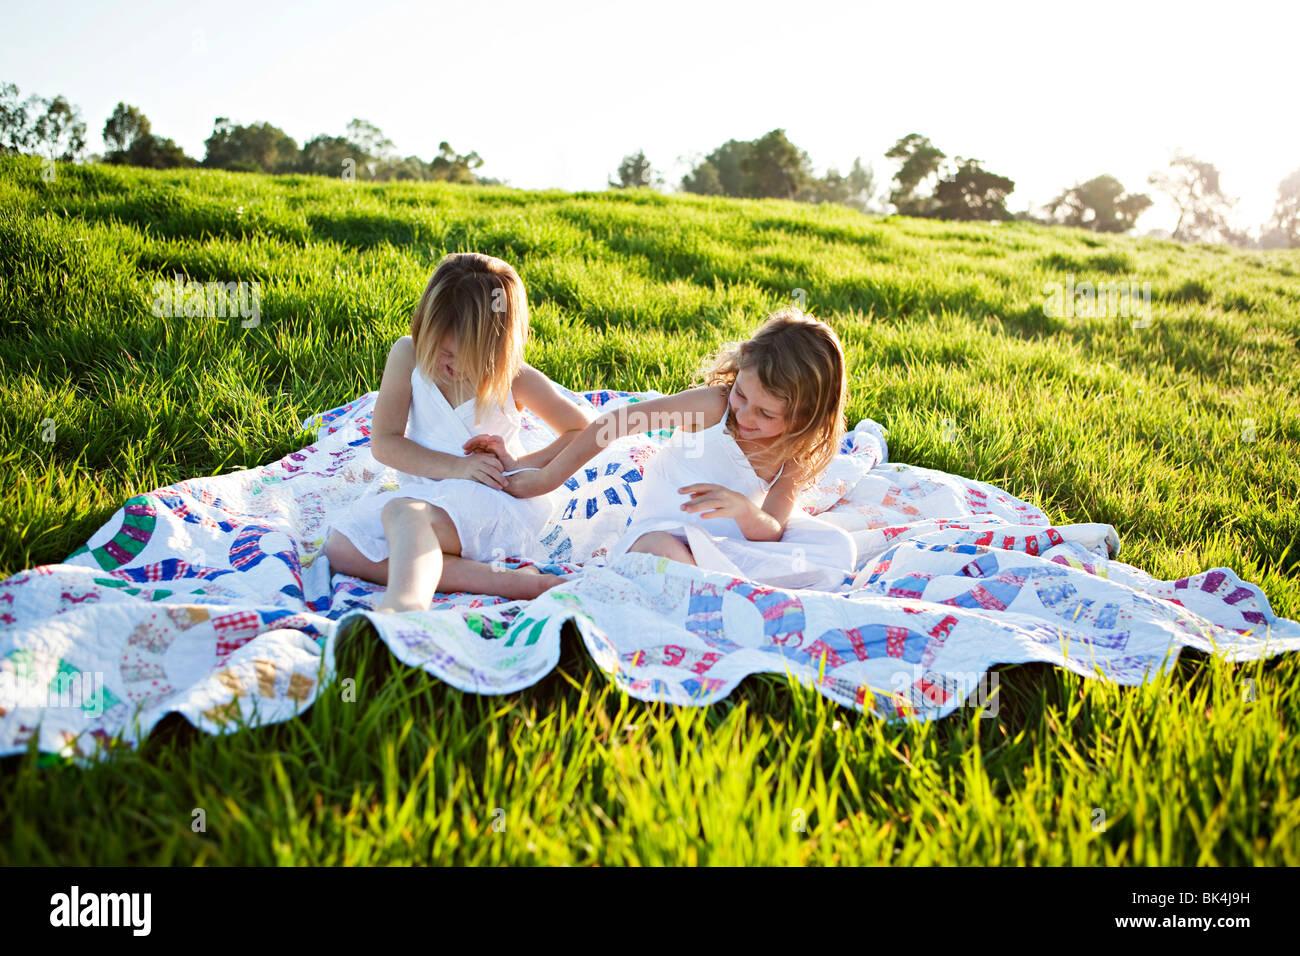 Les filles sur couverture de pique-nique de chatouiller les uns les autres Photo Stock